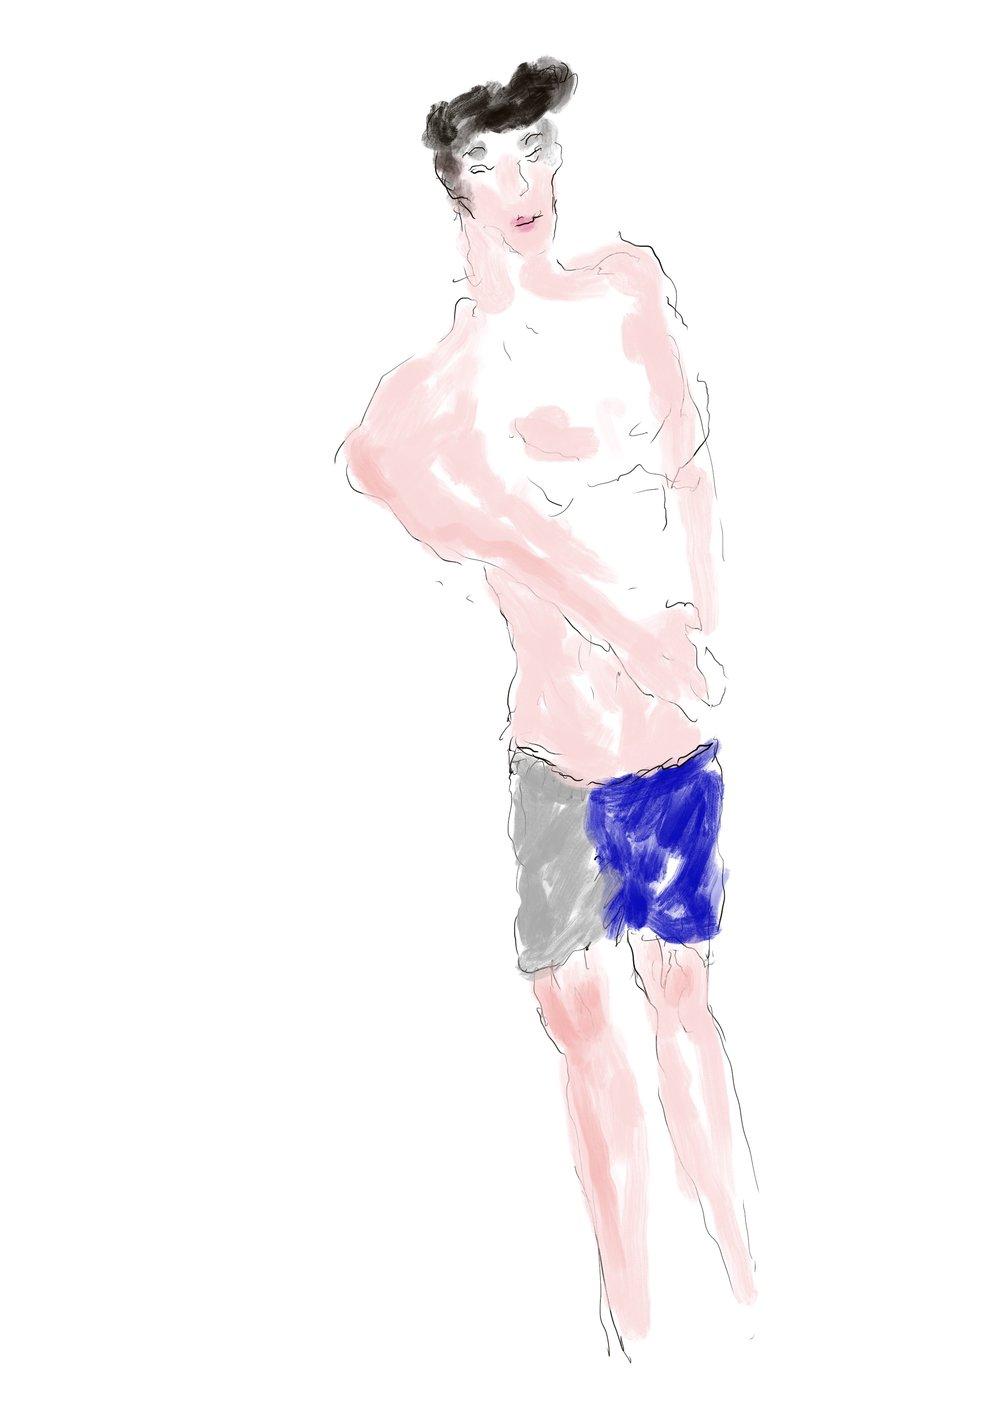 JarnoK_illustrations_EIFW19-5.jpg